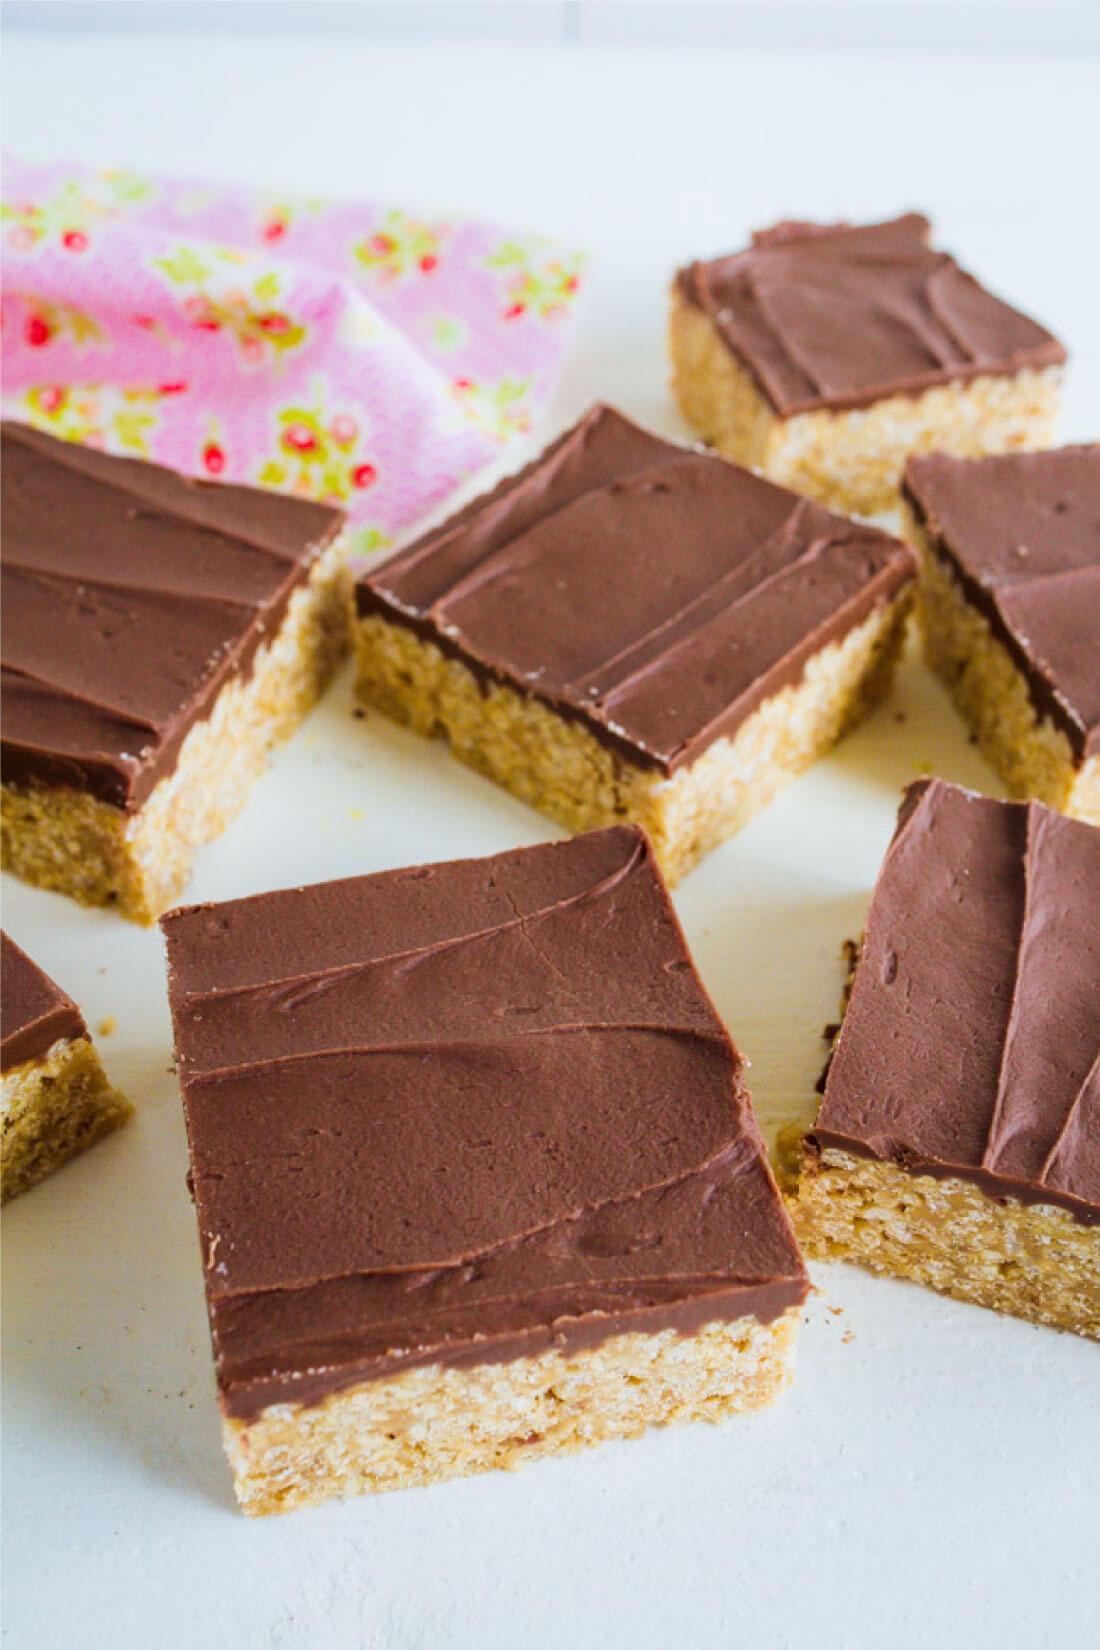 Special K Bars Recipe (No Bake Peanut Butter Bars)